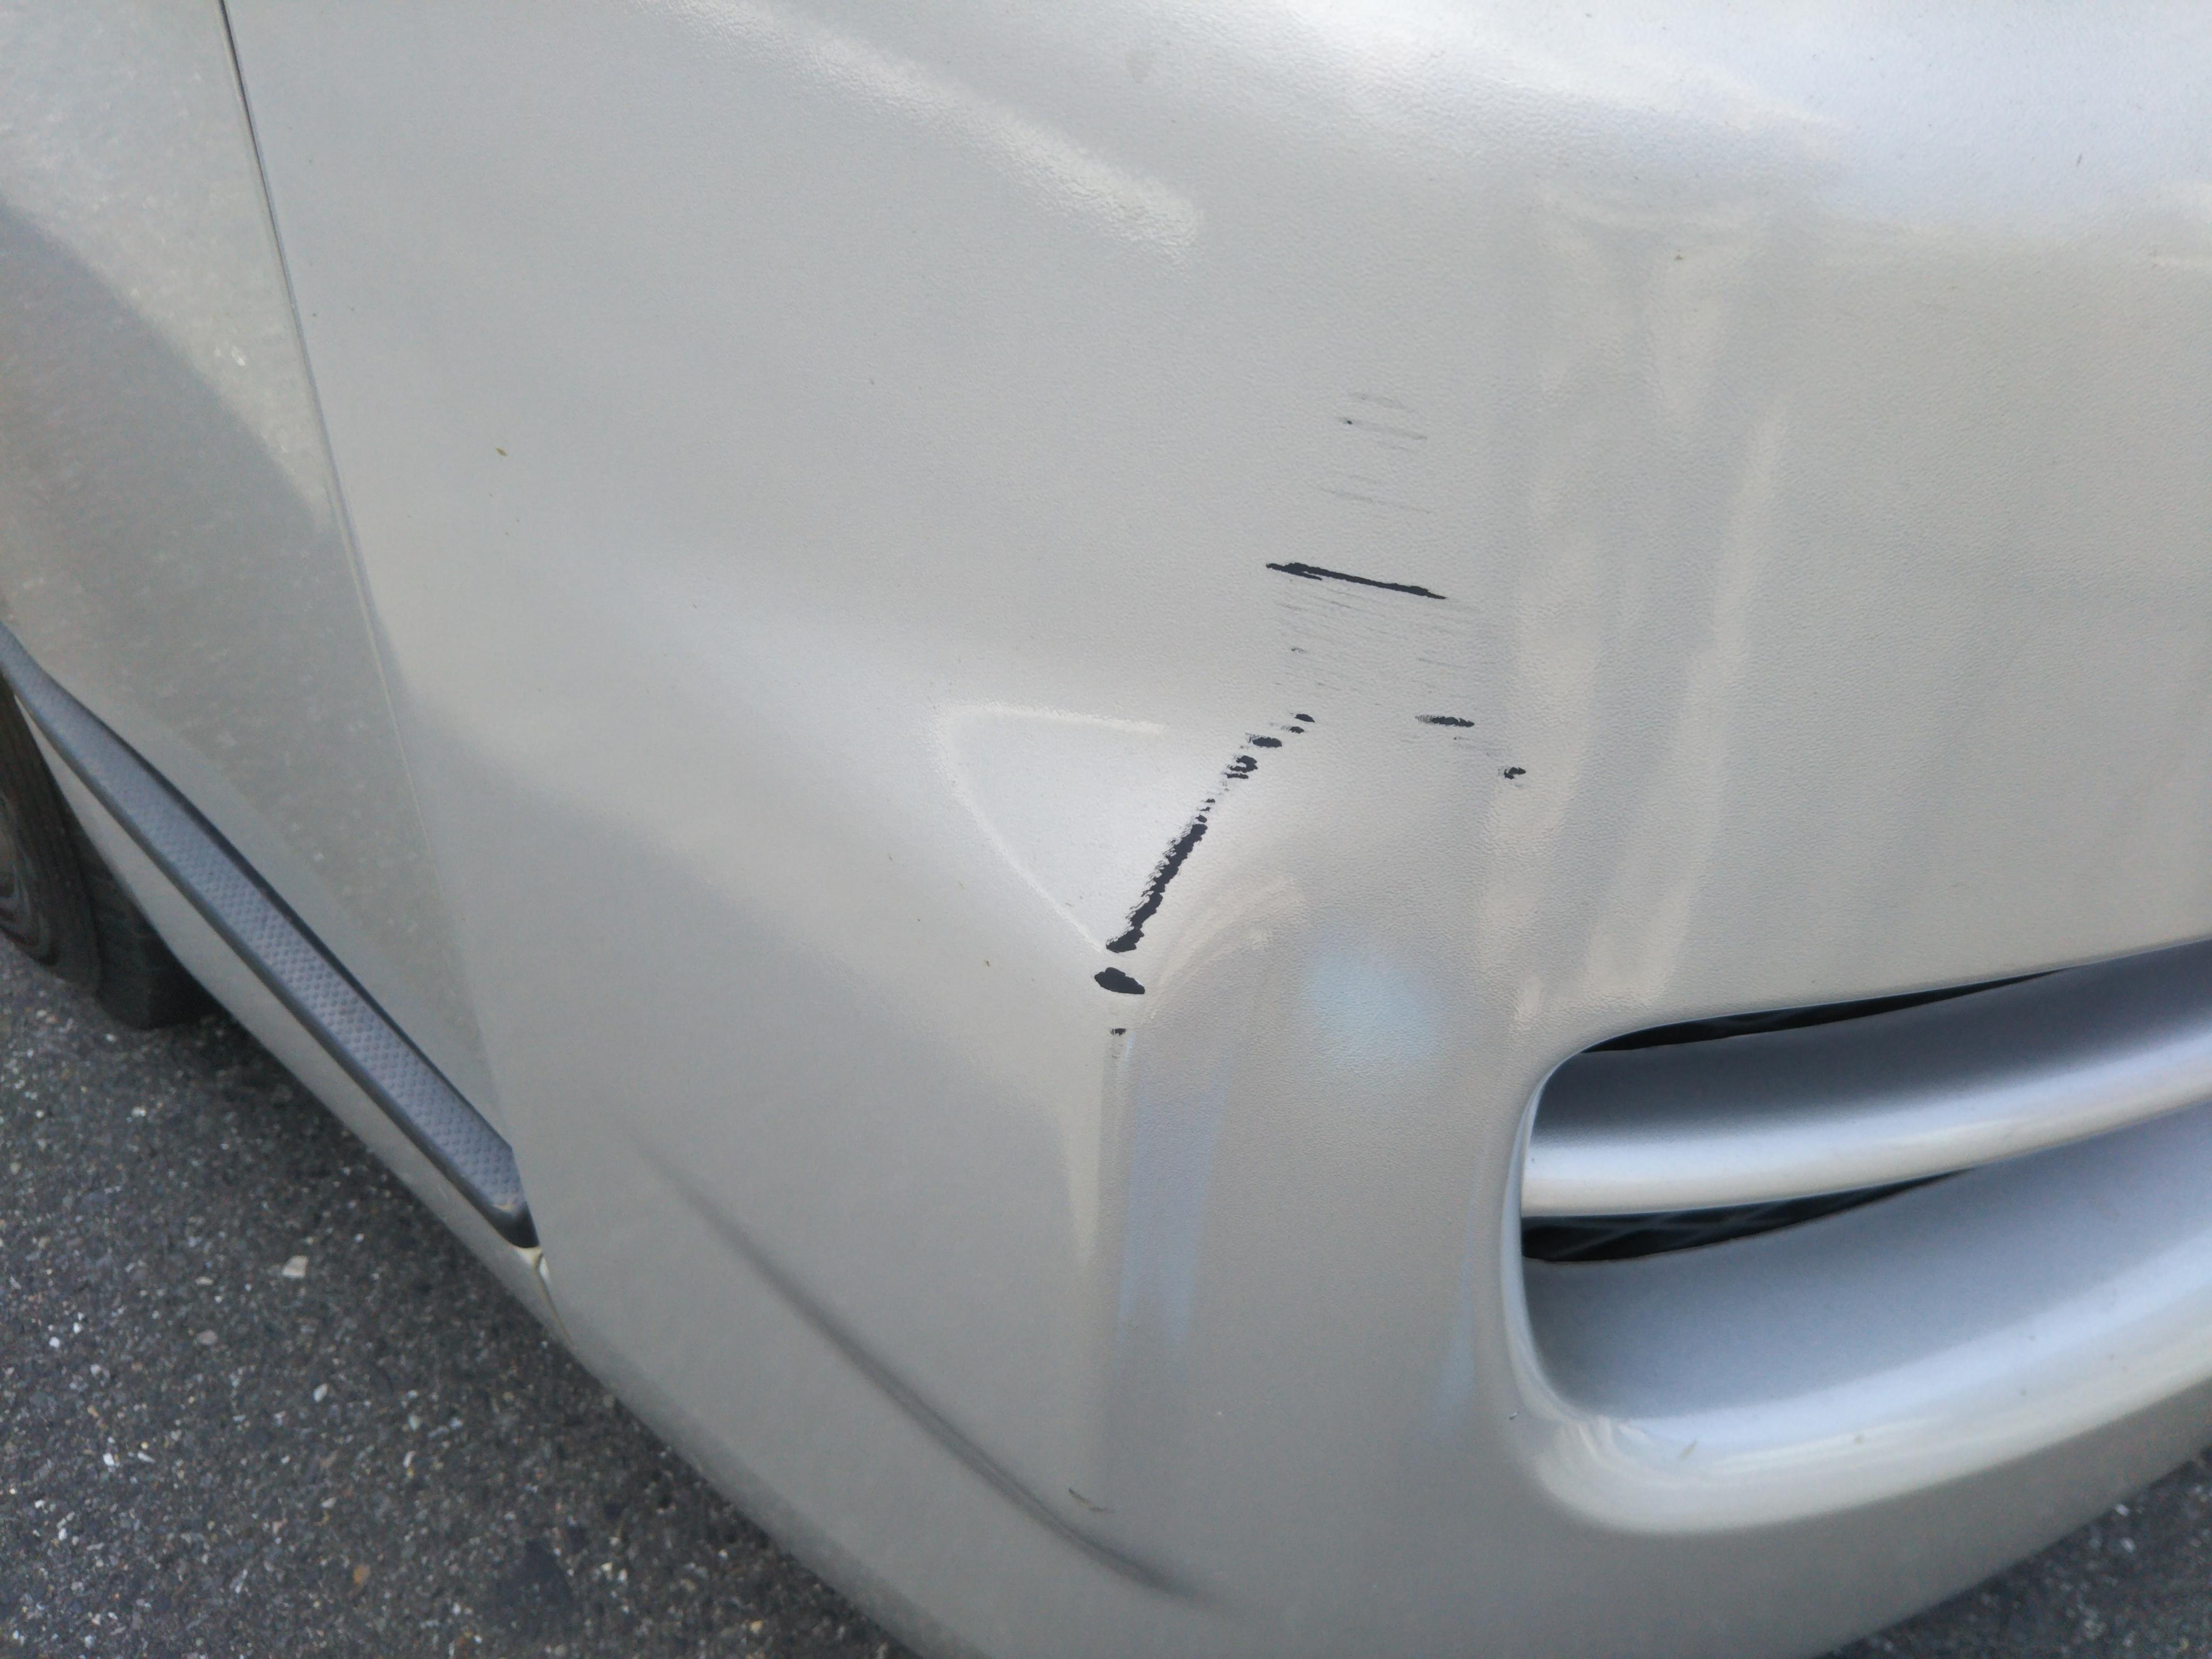 トヨタハイエースバン 5ドアロングGLパッケージの車両写真 その15